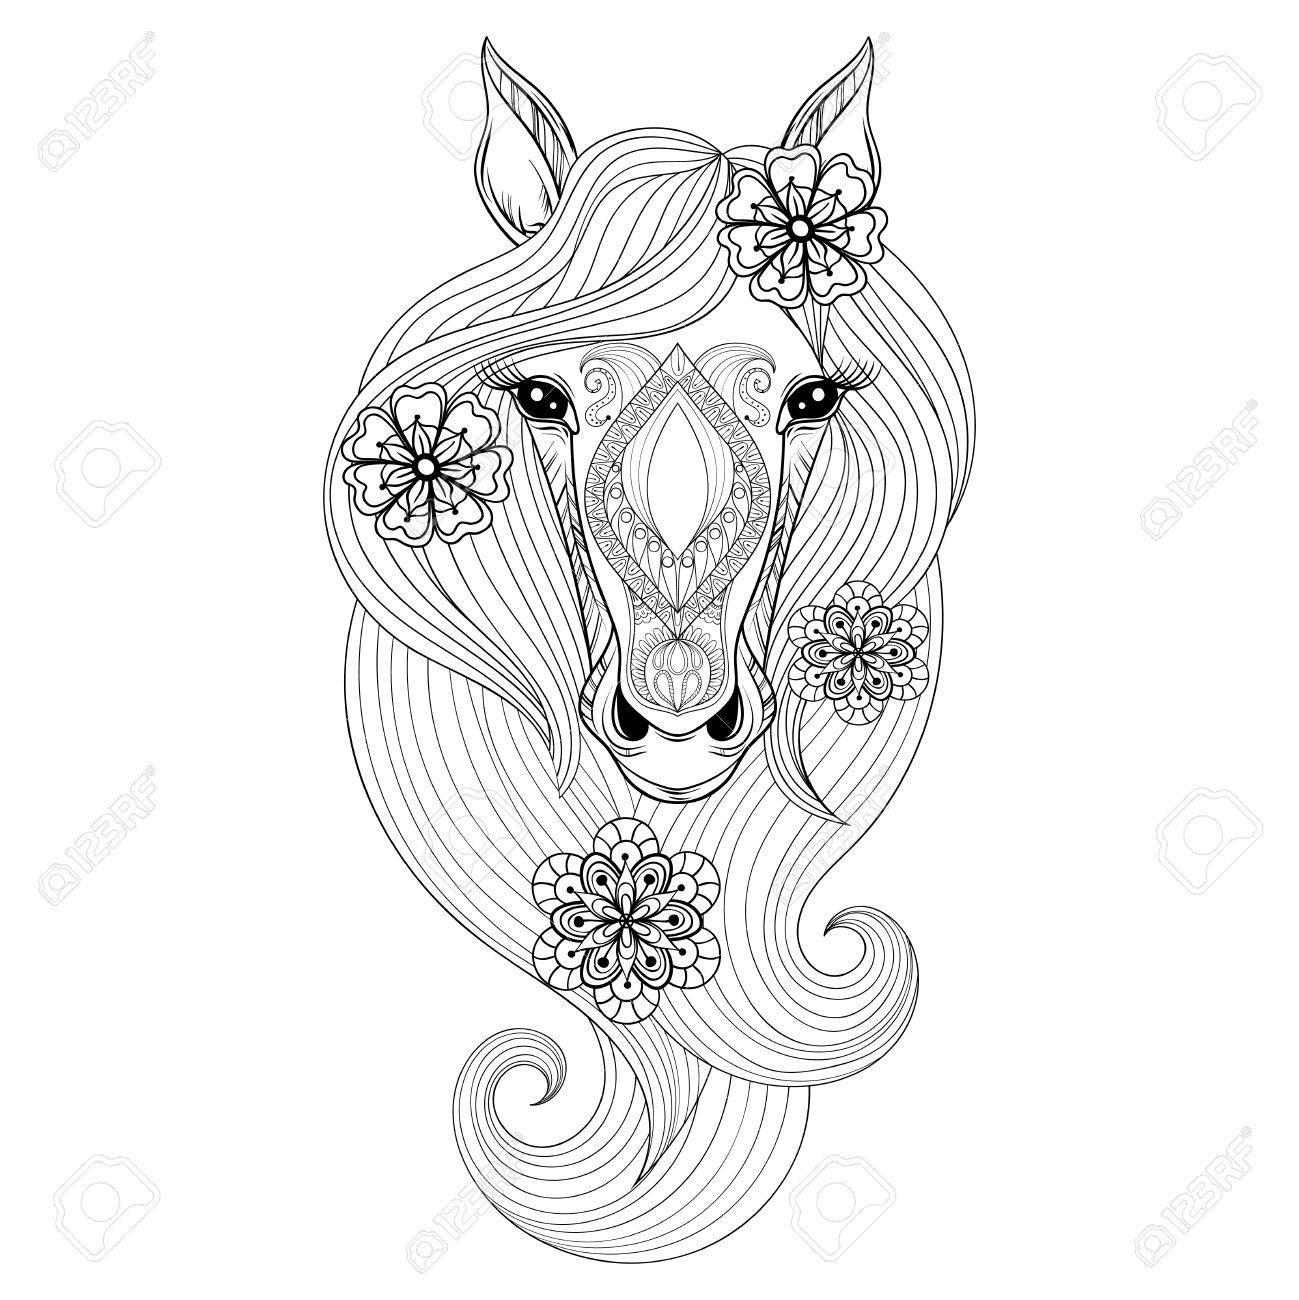 Cheval Vector. Coloriage Avec Le Visage De Cheval. Hand Drawn Modelée Tête  De Cheval Avec Des Fleurs Dans Les Cheveux, Artistiquement Cheval Décoratif encequiconcerne Dessin De Cheval A Colorier